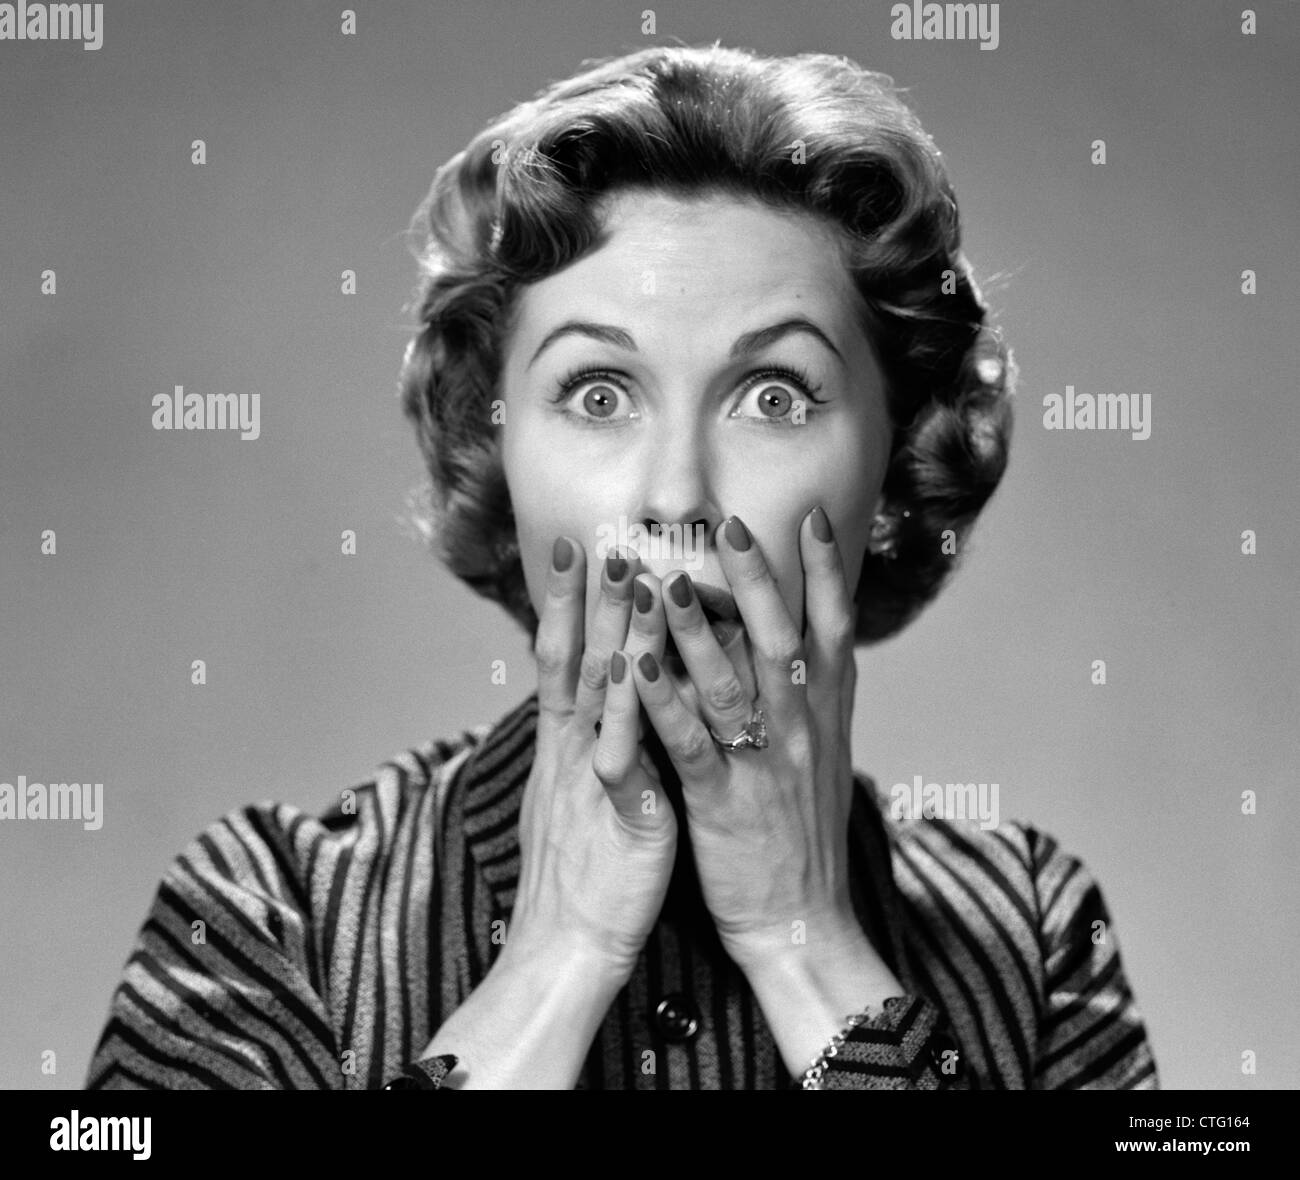 1950 Portrait de femme en robe rayée mains à la bouche avec de l'EXPRESSION CHOQUÉE LOOKING AT CAMERA Banque D'Images